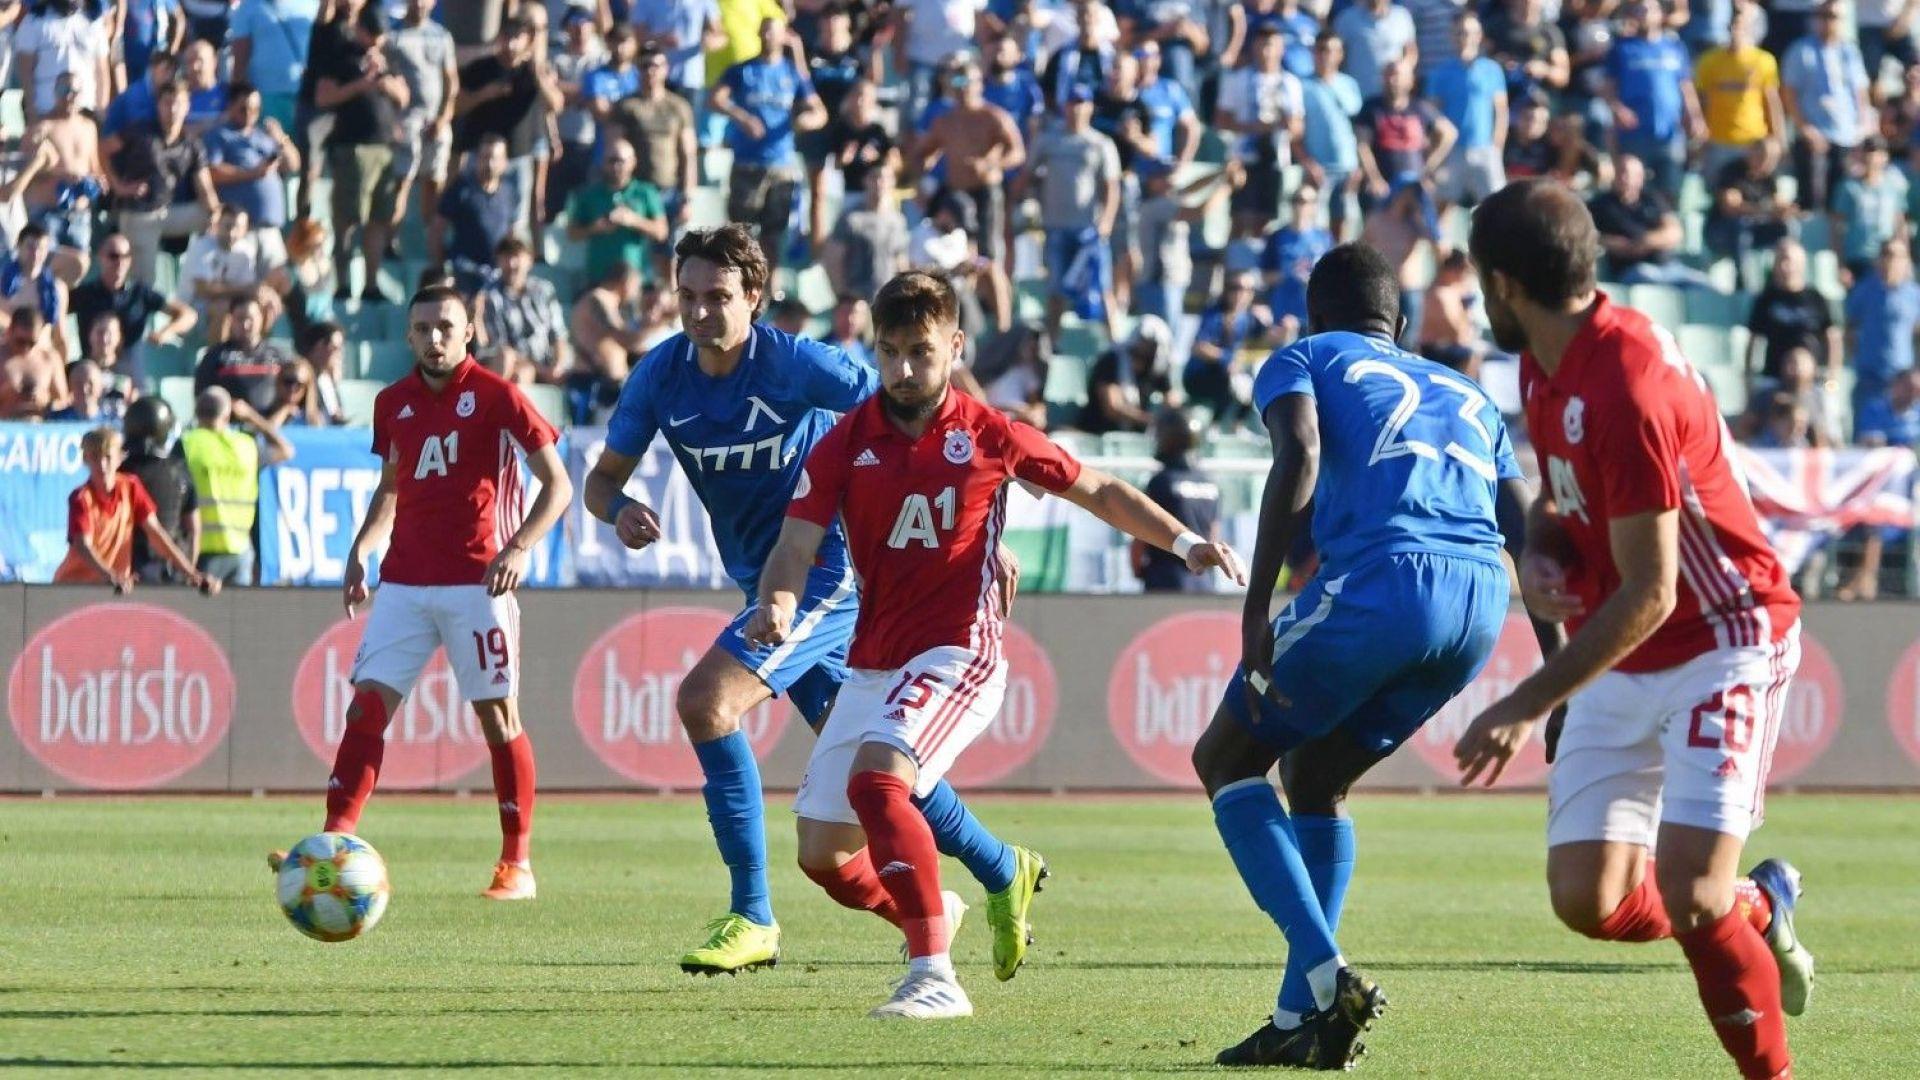 Пускат публика на стадионите от днес, 4000 може да гледат Левски - ЦСКА (обновена)